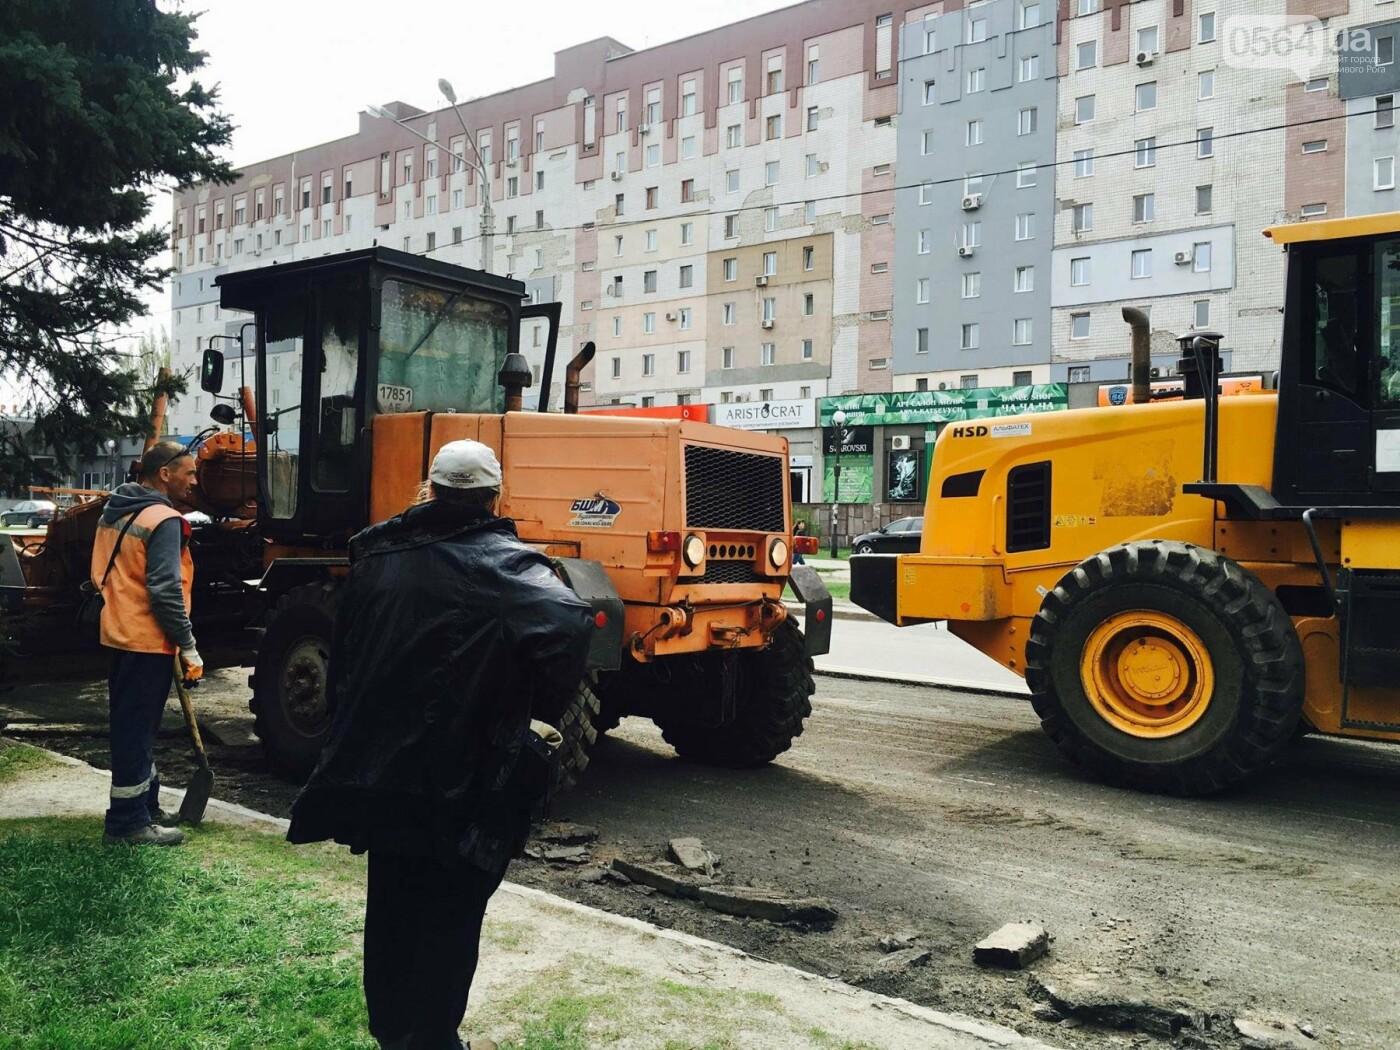 В Кривом Роге ремонтируют дороги и днем, и ночью (ФОТО), фото-3